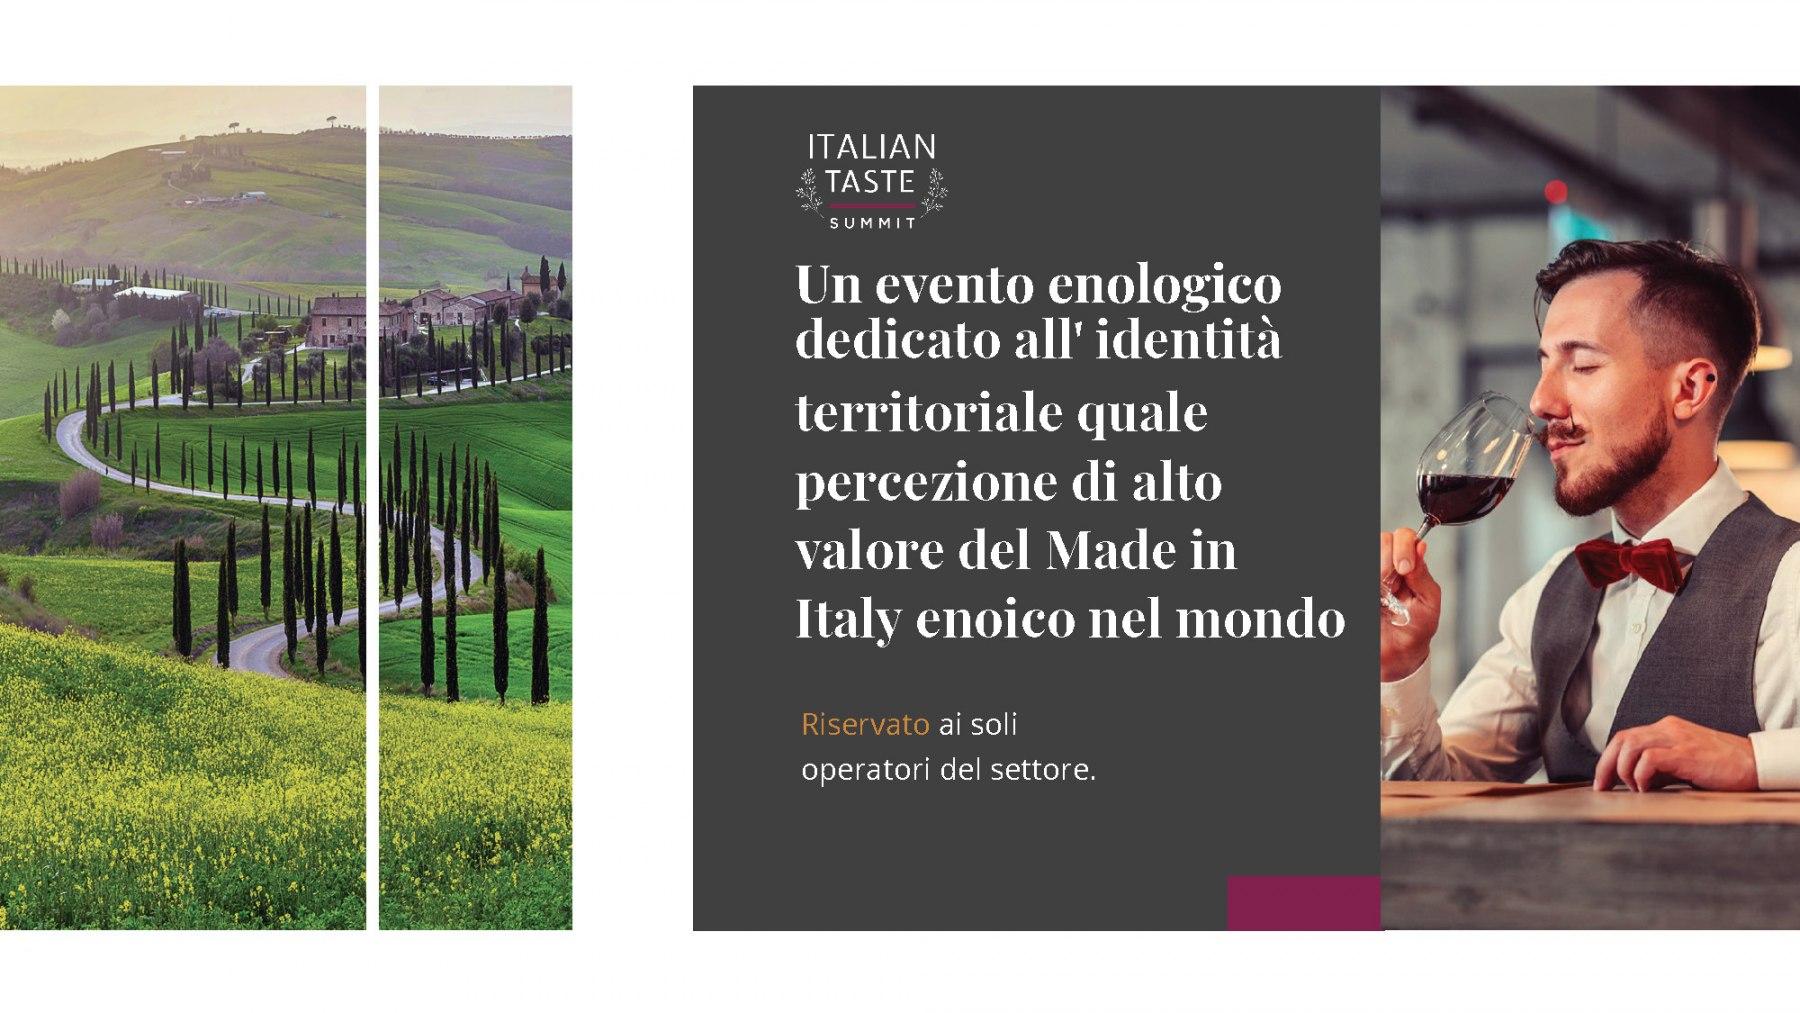 Italian-Taste-Summit-IT-2020_04